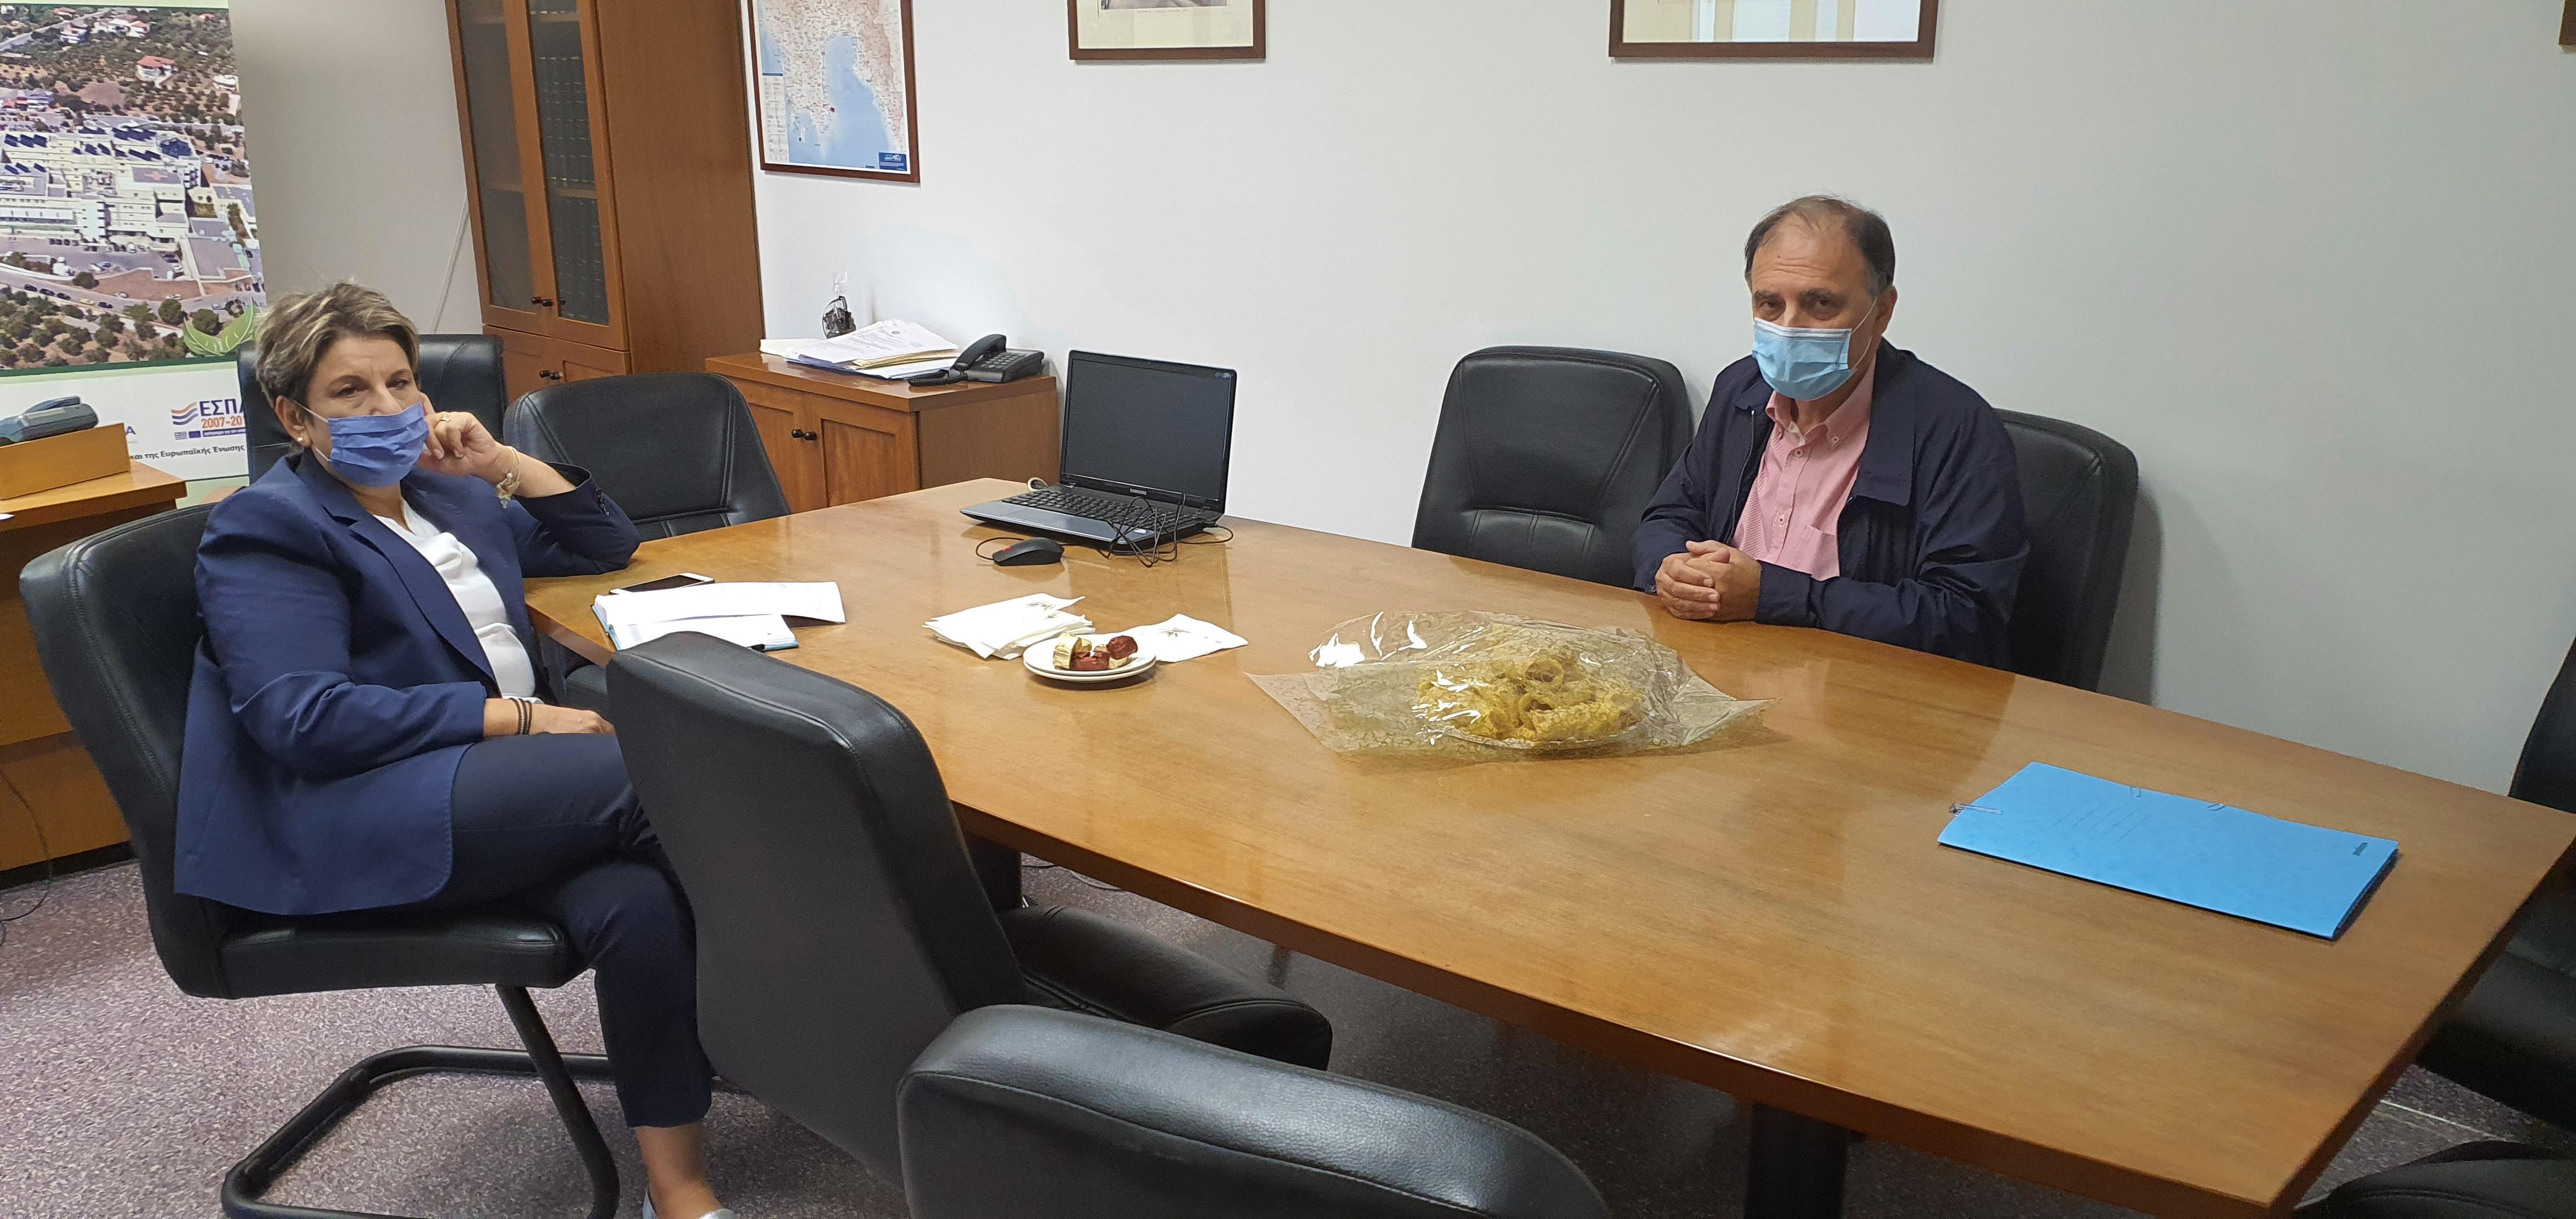 Συνάντηση της Διοικήτριας με τον Επιστημονικά Υπεύθυνο του Κ.Υ. Καλαμάτας